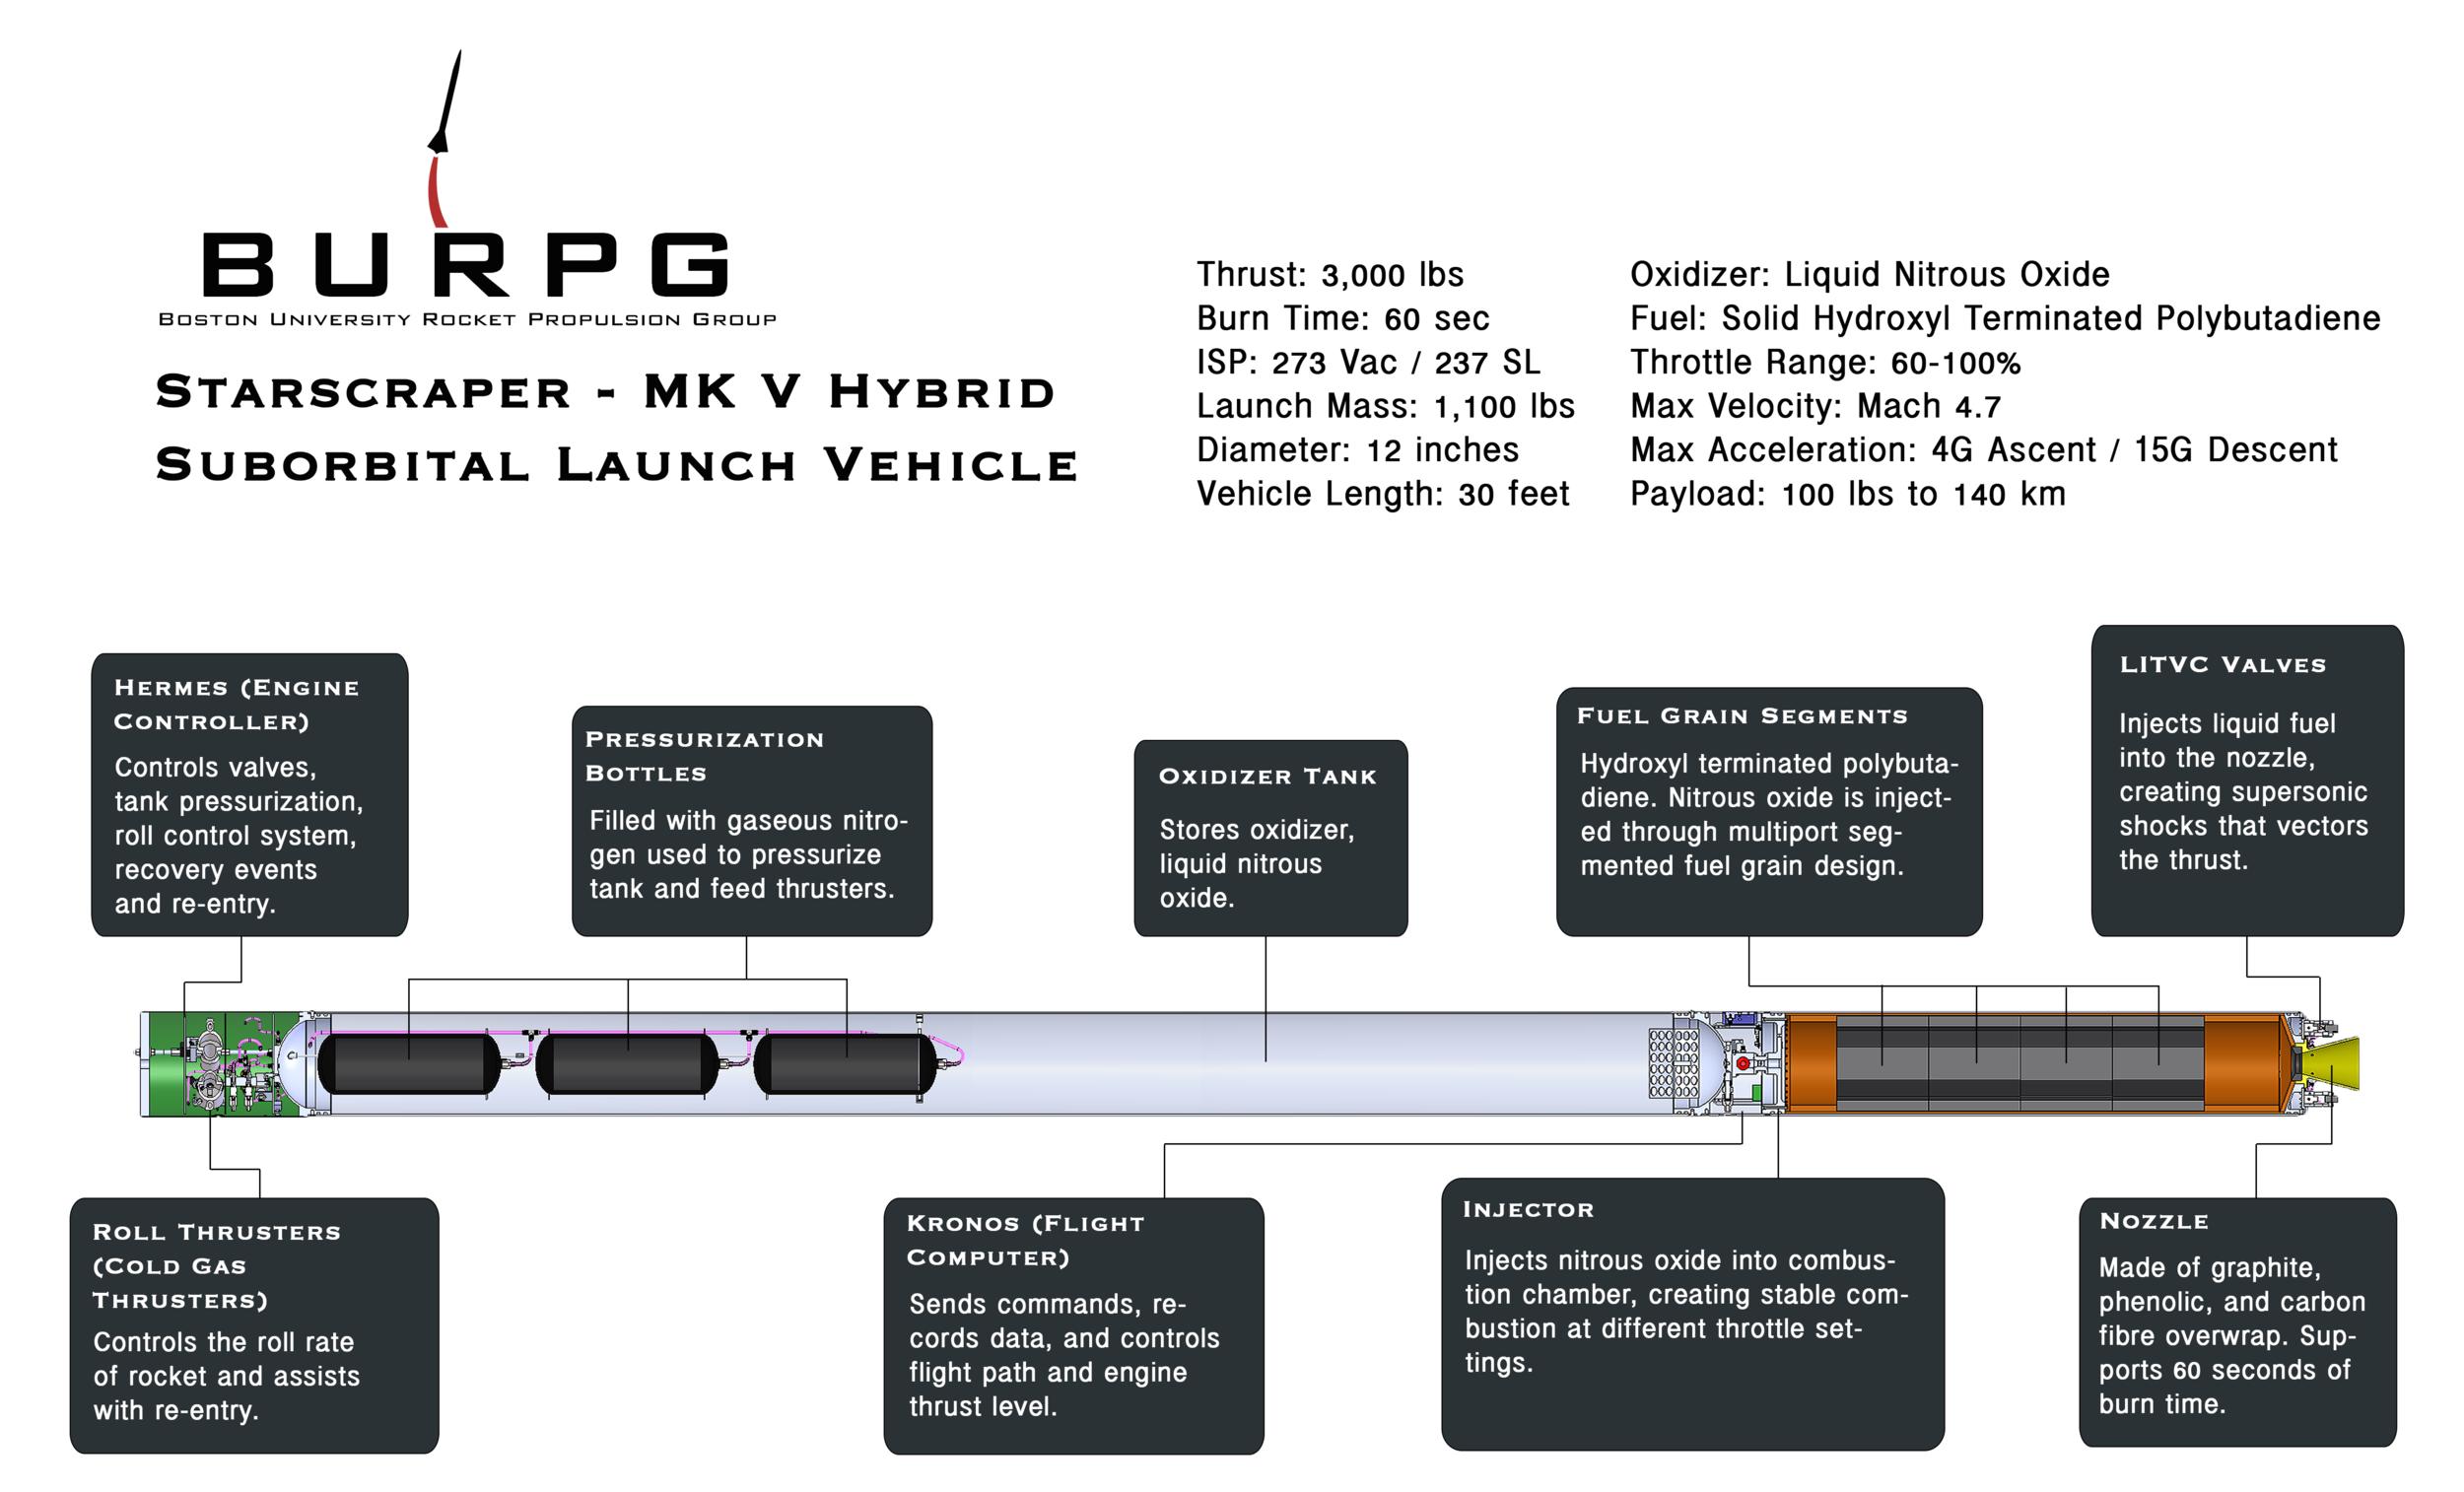 Starscraper concept using the Mk V Hybrid Motor